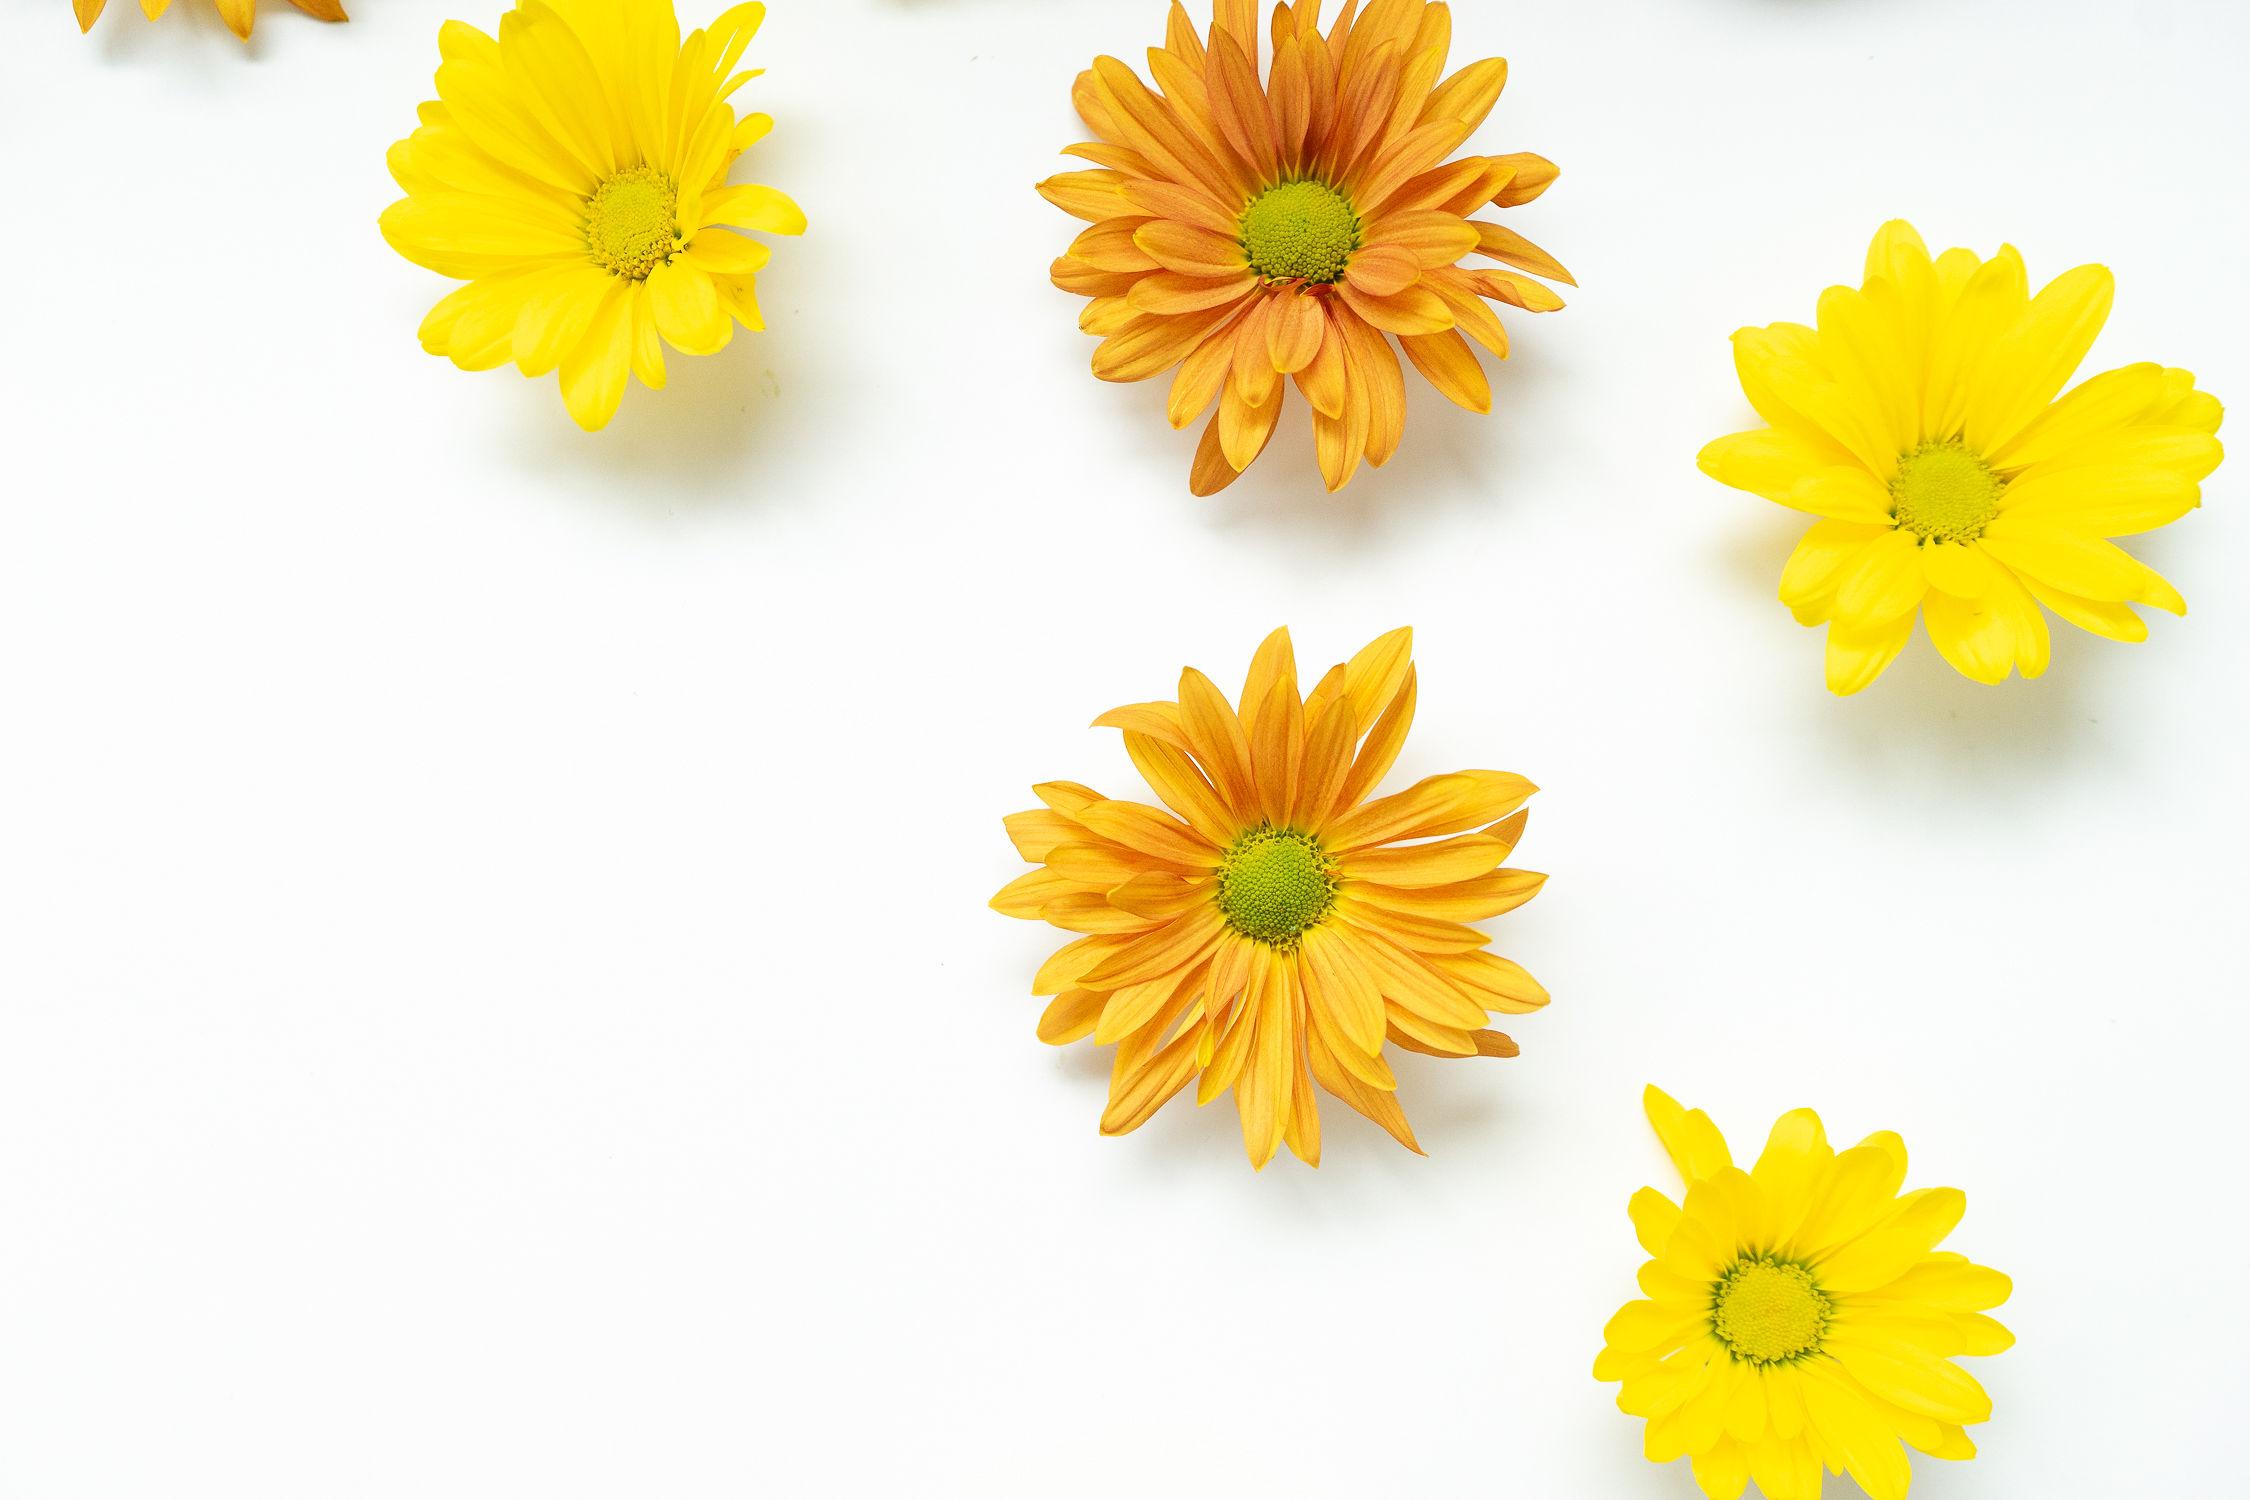 Fall Daisy Wallpaper.jpg